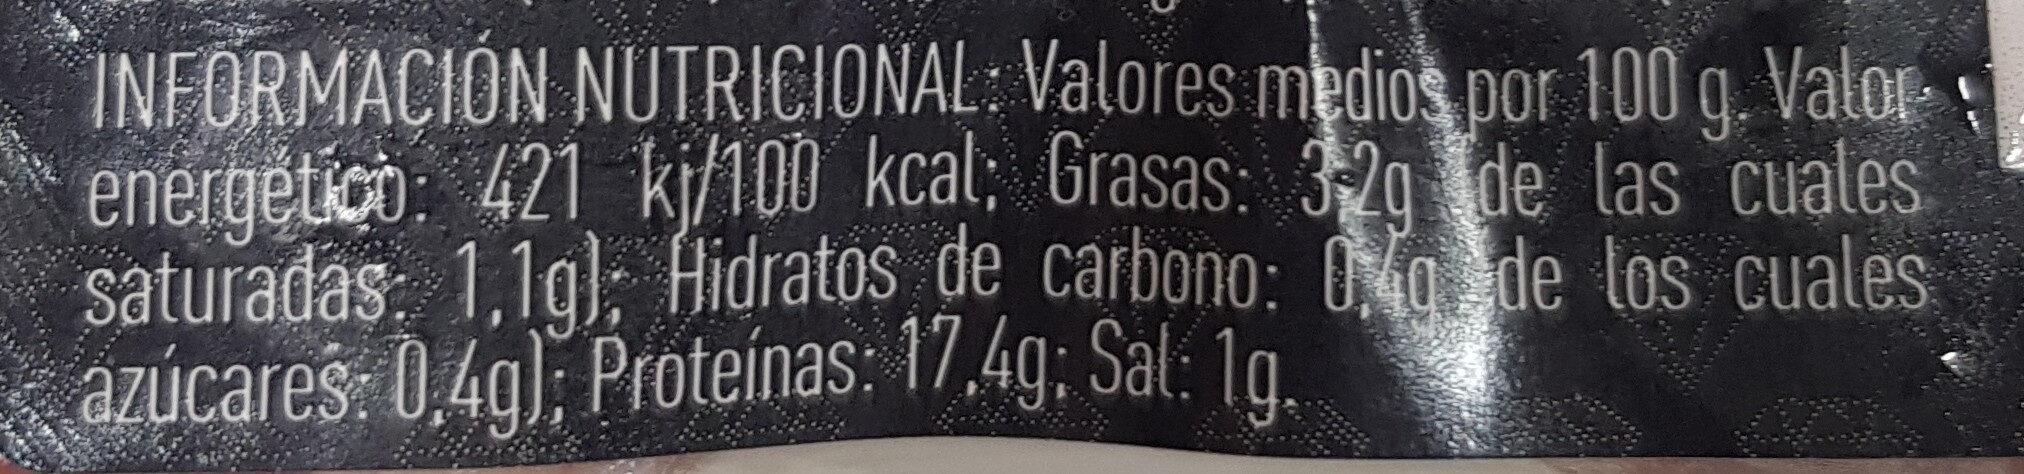 Medallones solomillo marinado - Informació nutricional - es